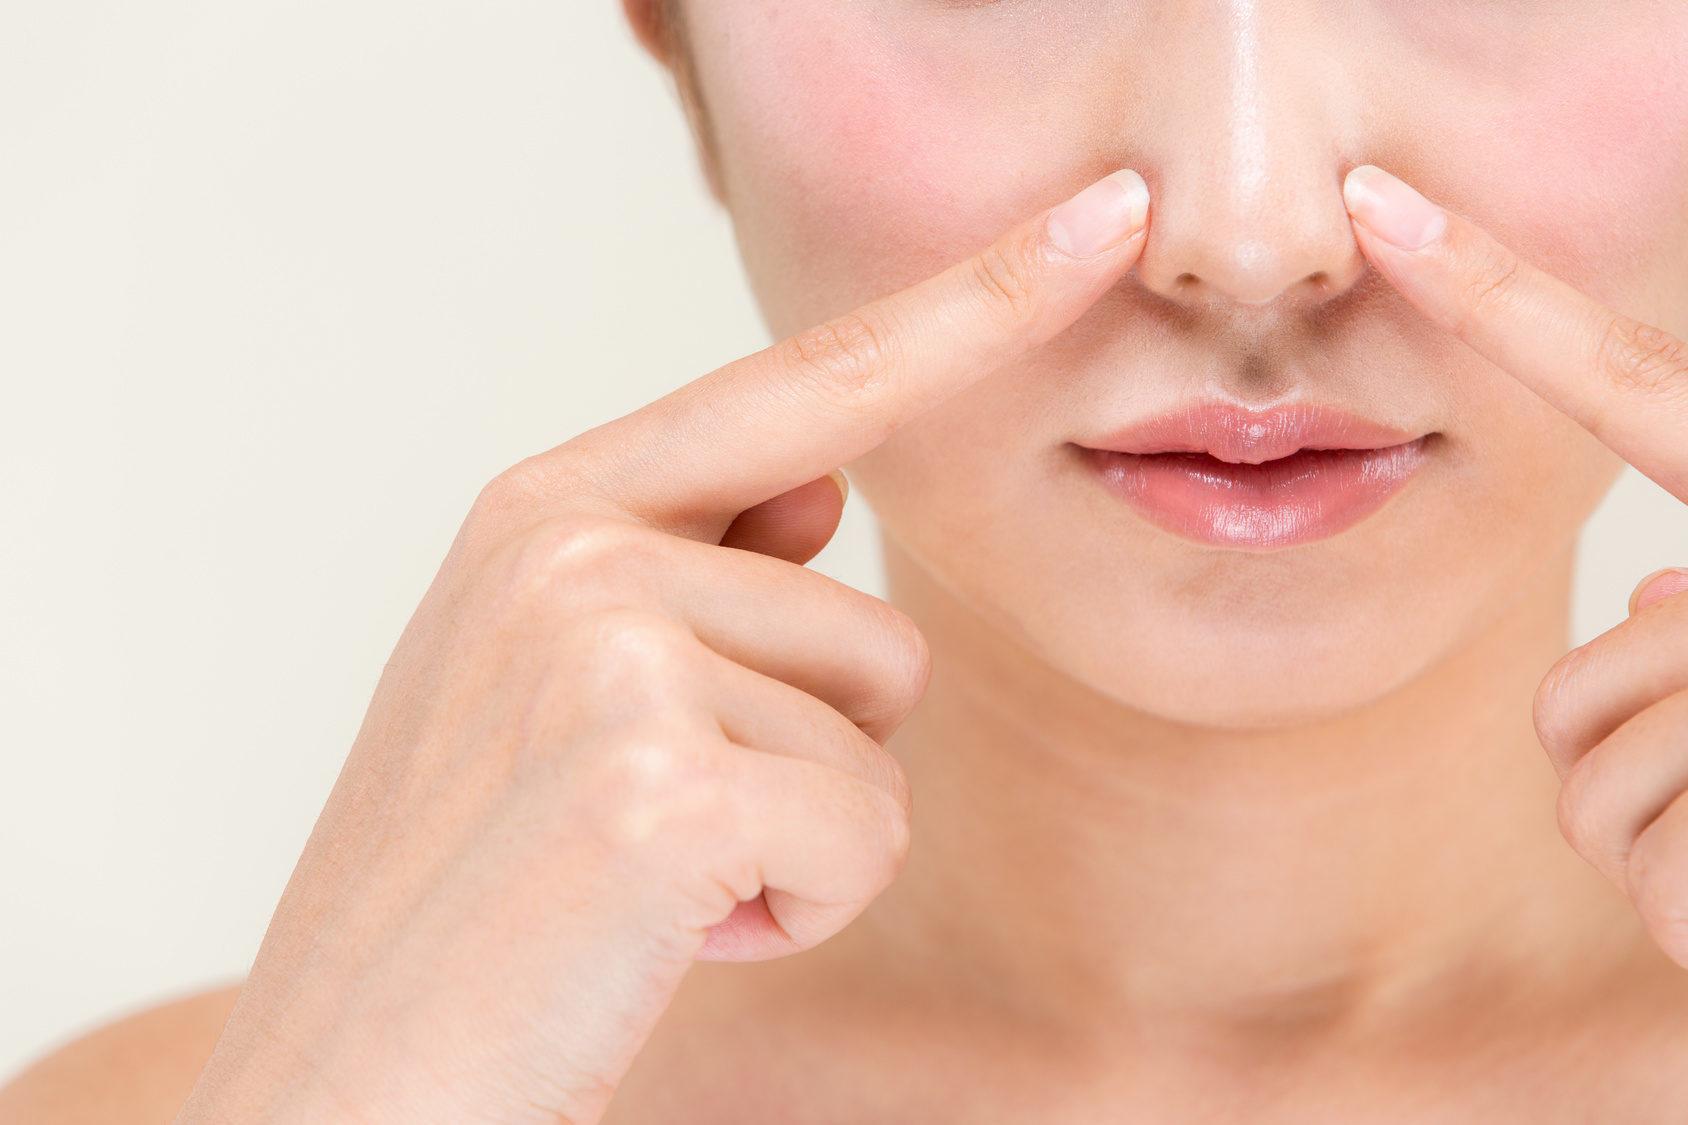 konchoplastyka nosa, laryngolog